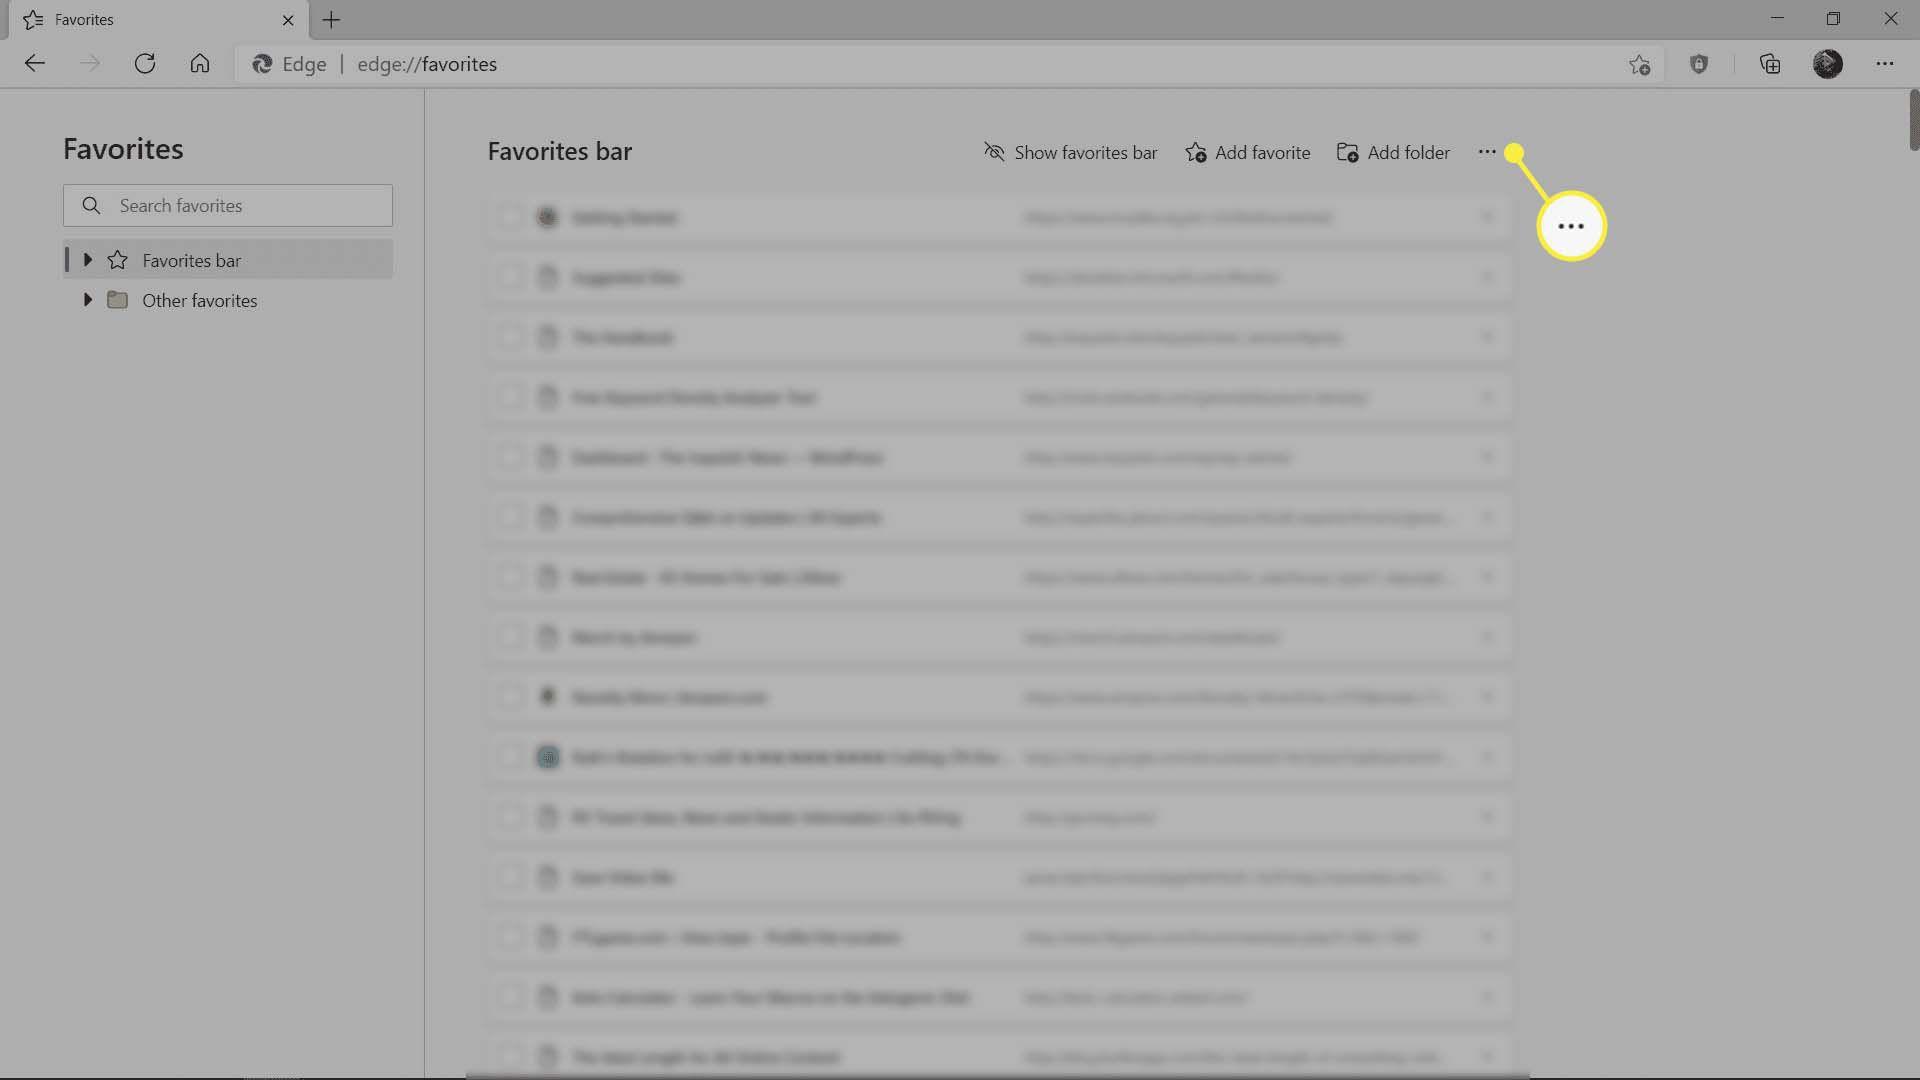 The Favorites Bar menu in Microsoft Edge.